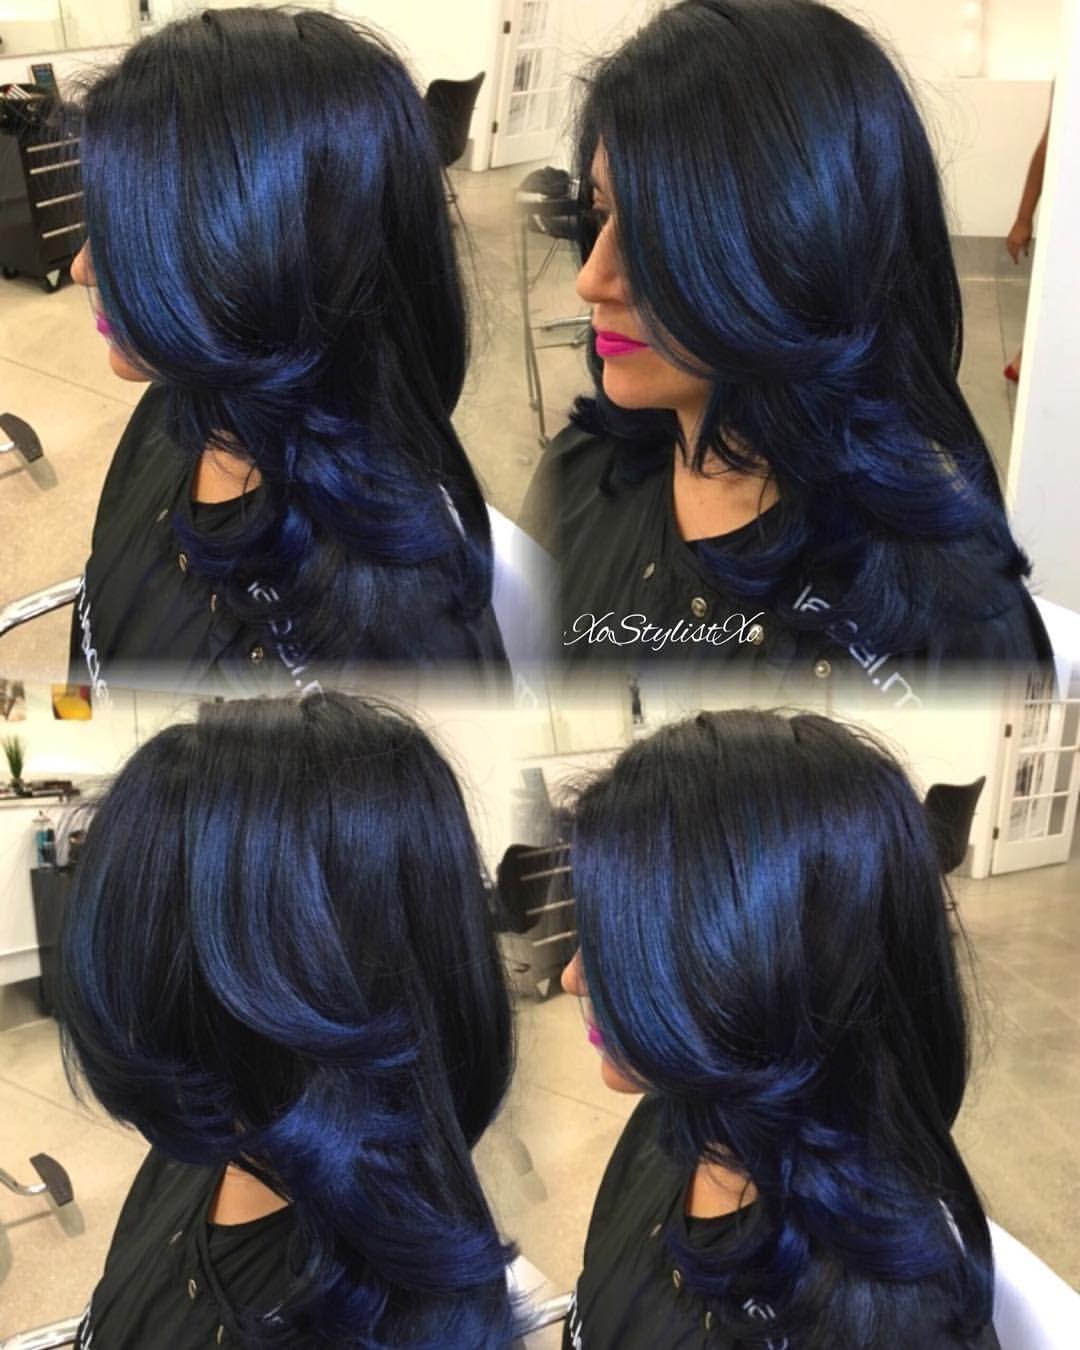 Black Ice Blueblackhair Colorful Hairhair Colourblue